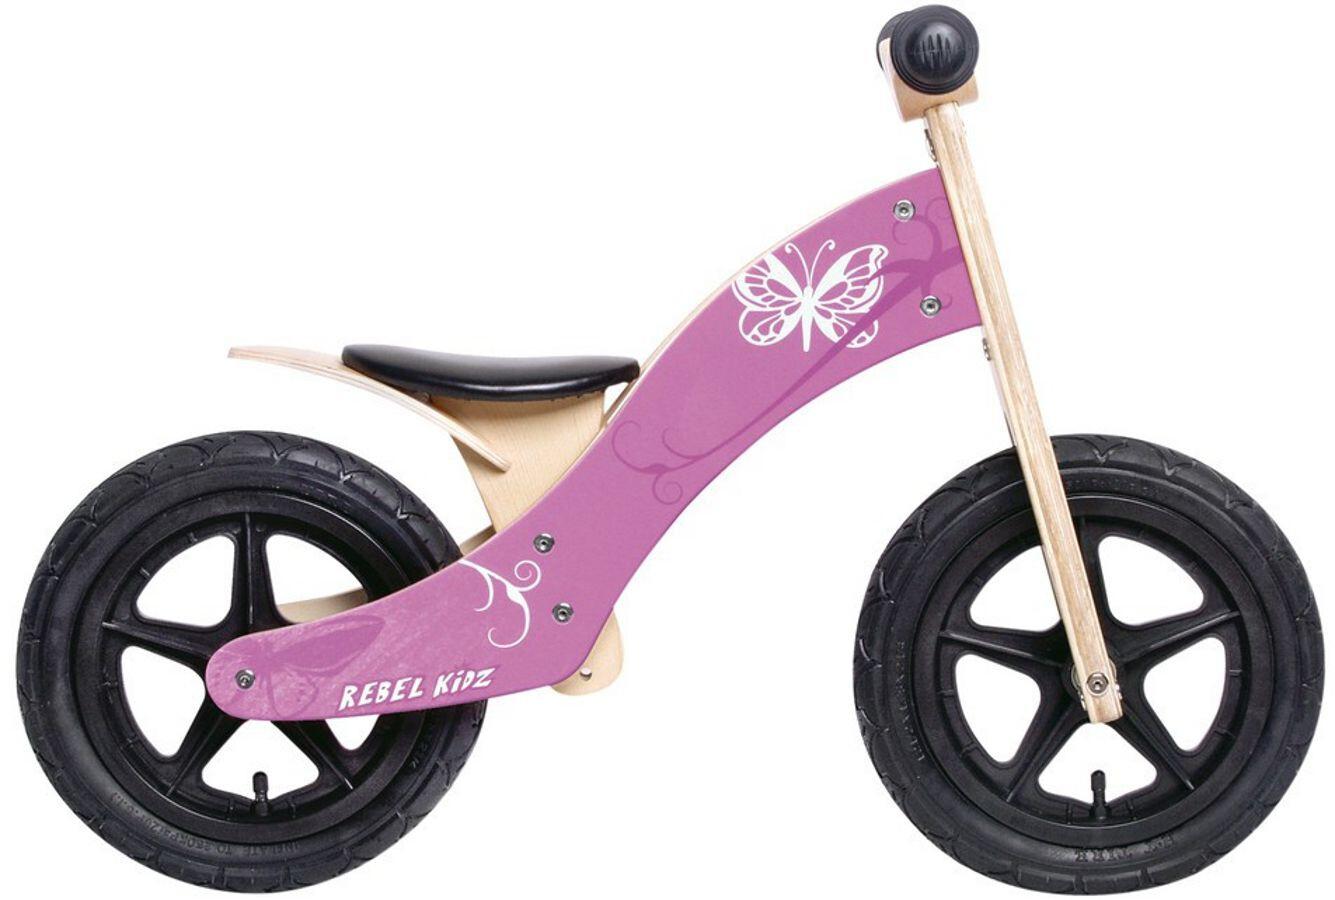 Rebel Kidz Wood Air Løbecykel 12